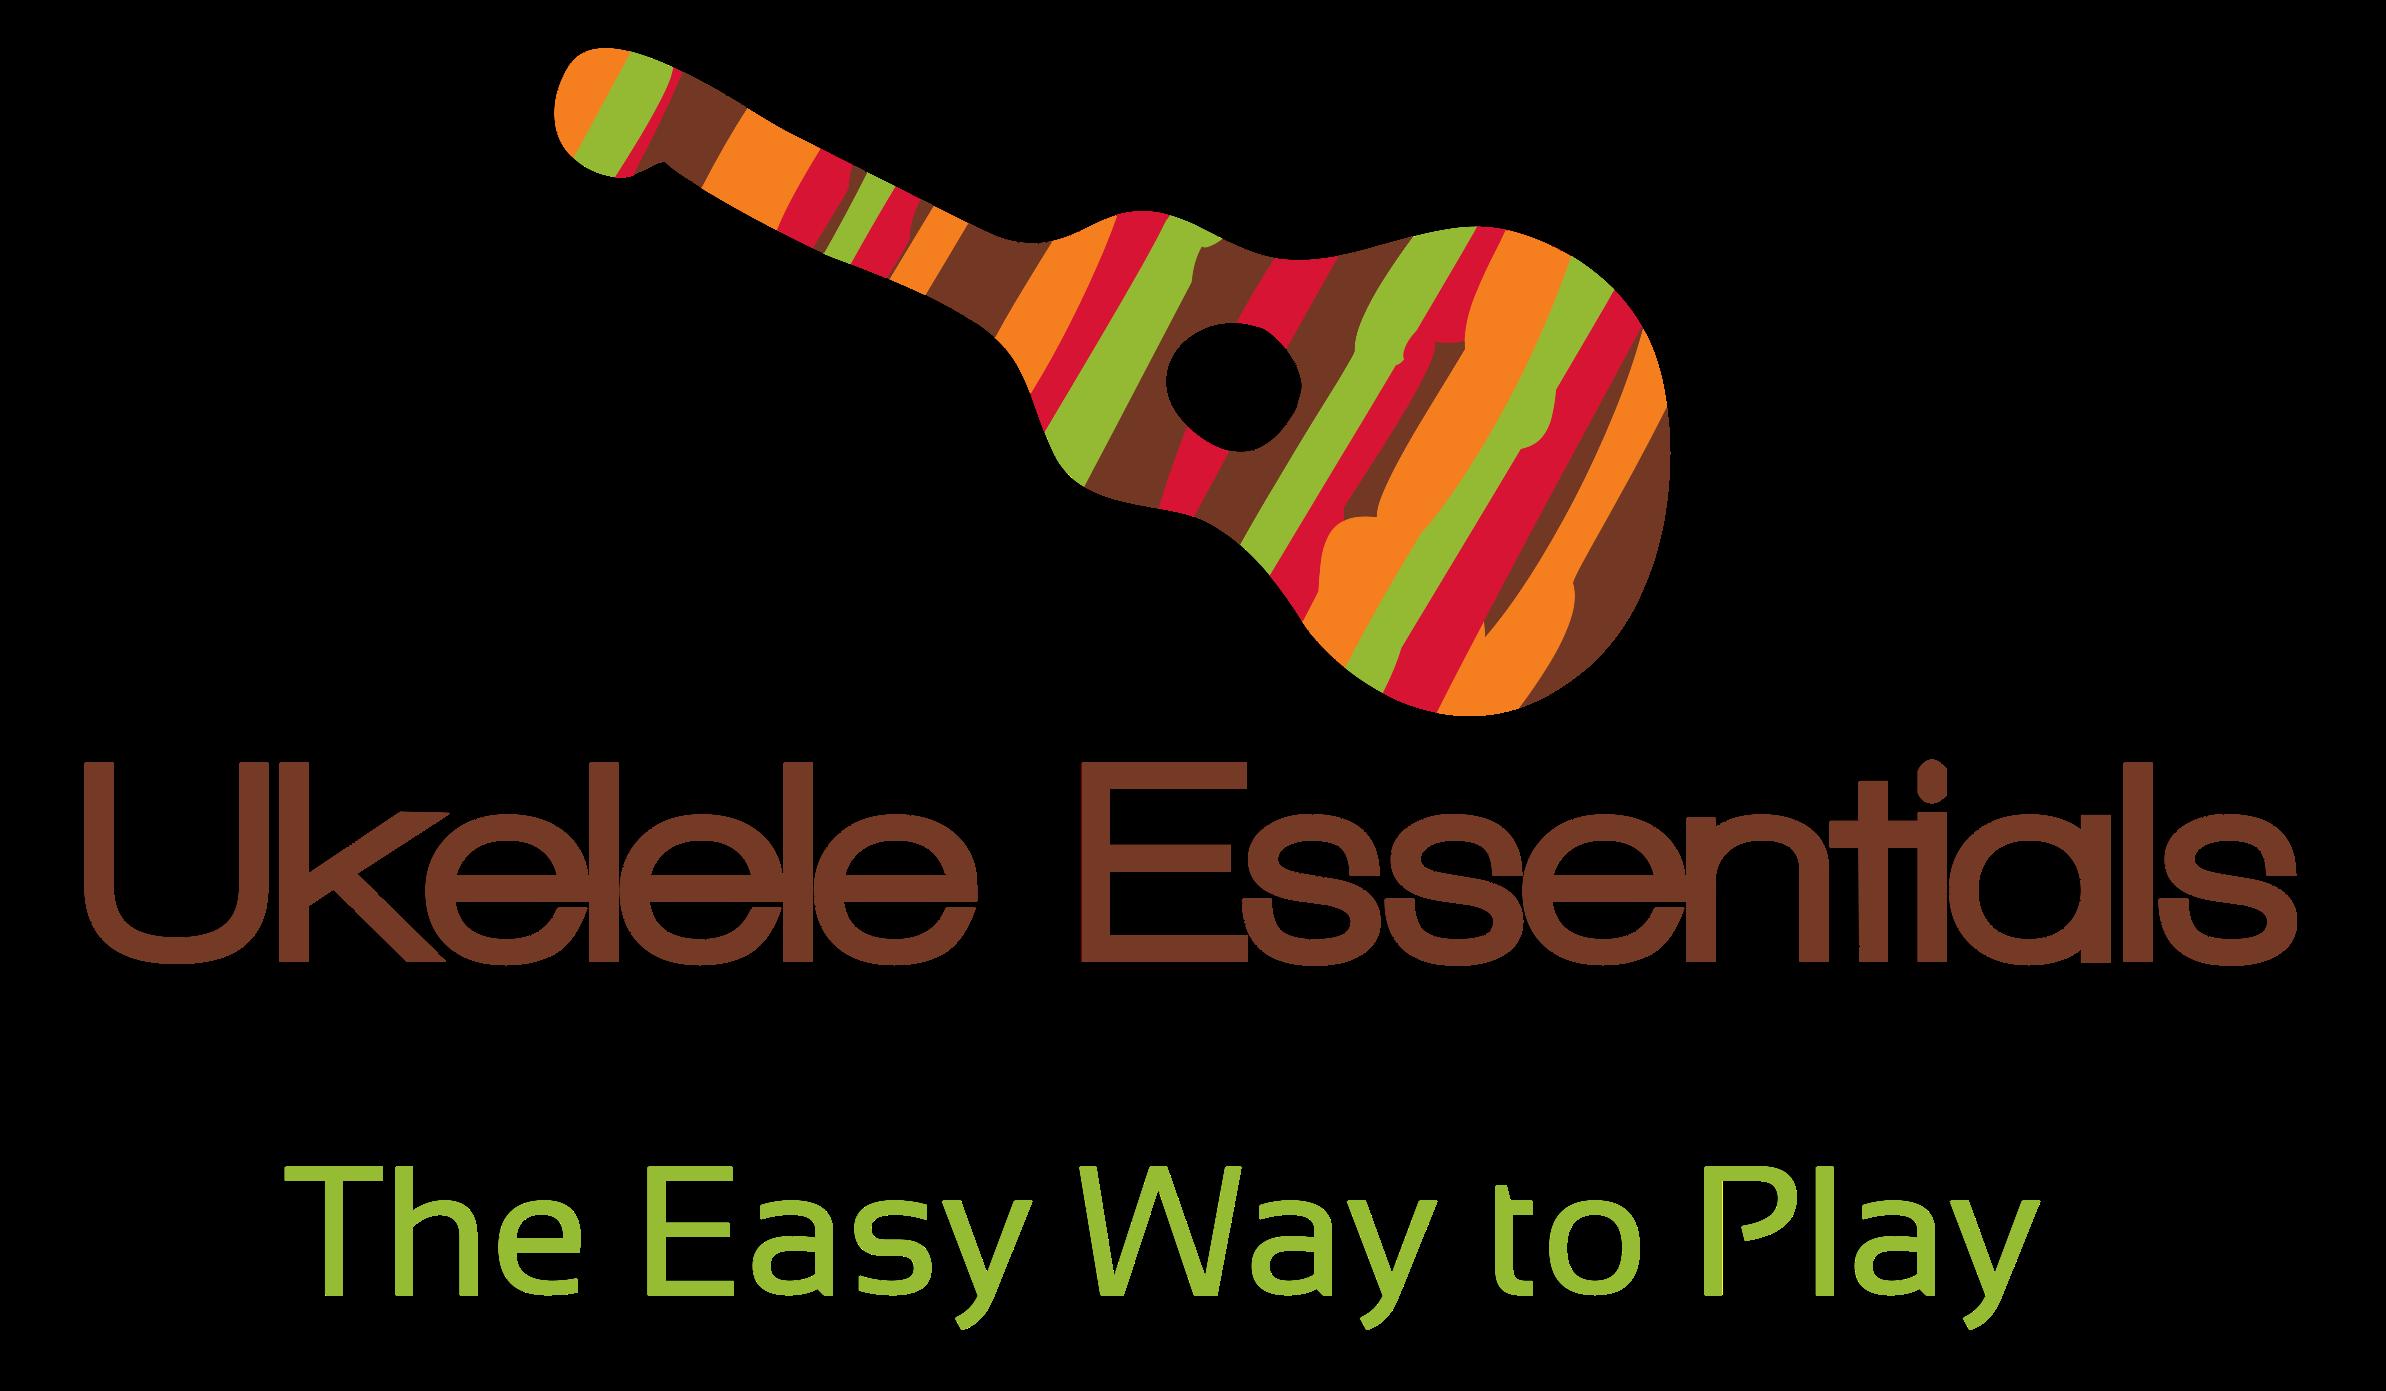 Ukelele Essentials